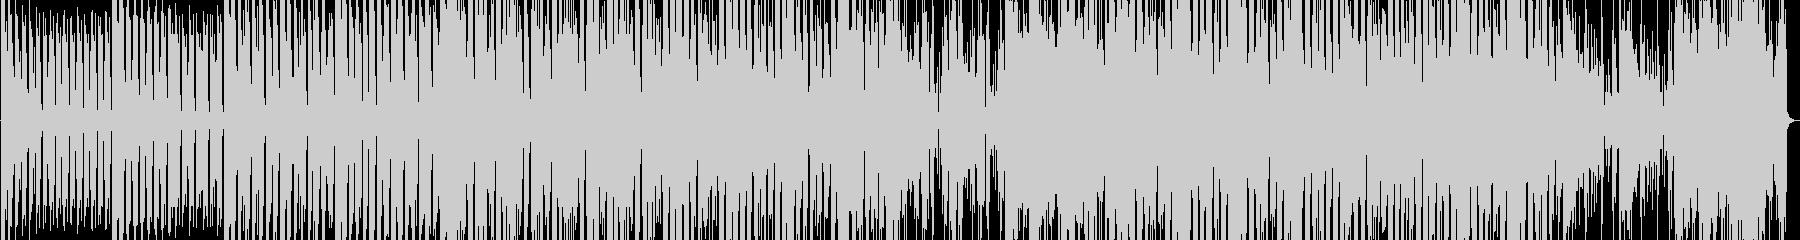 カッティングギターのグルービーなハウスの未再生の波形